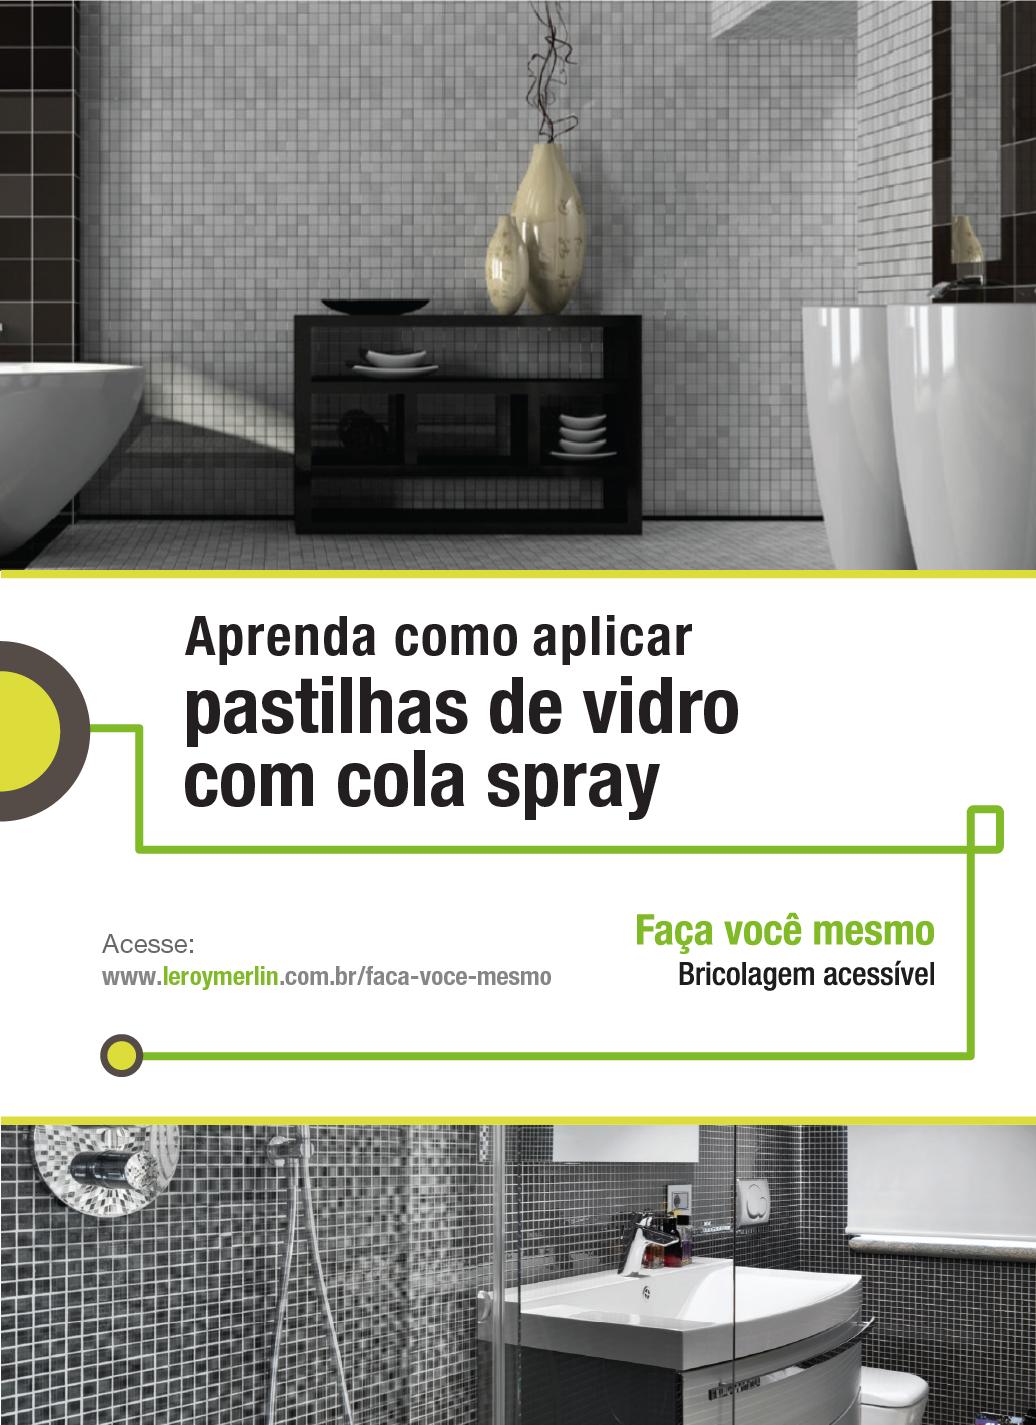 Pastilhas de vidro podem ser usadas em vários ambientes e para diversos efeitos. E, além de tudo, podem ser aplicadas com cola spray. Isso mesmo! Veja como é simples com a nossa Ficha de Bricolagem. http://leroy.co/1IOChY3